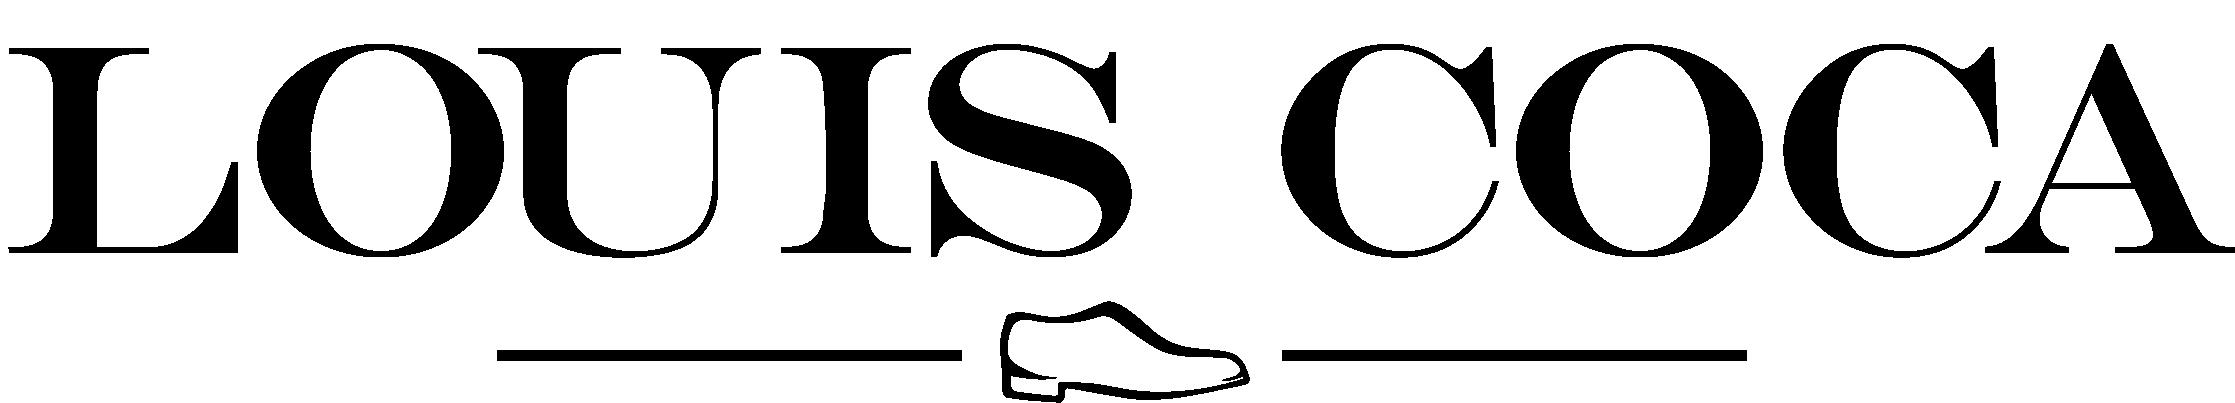 Louis Coca Logo